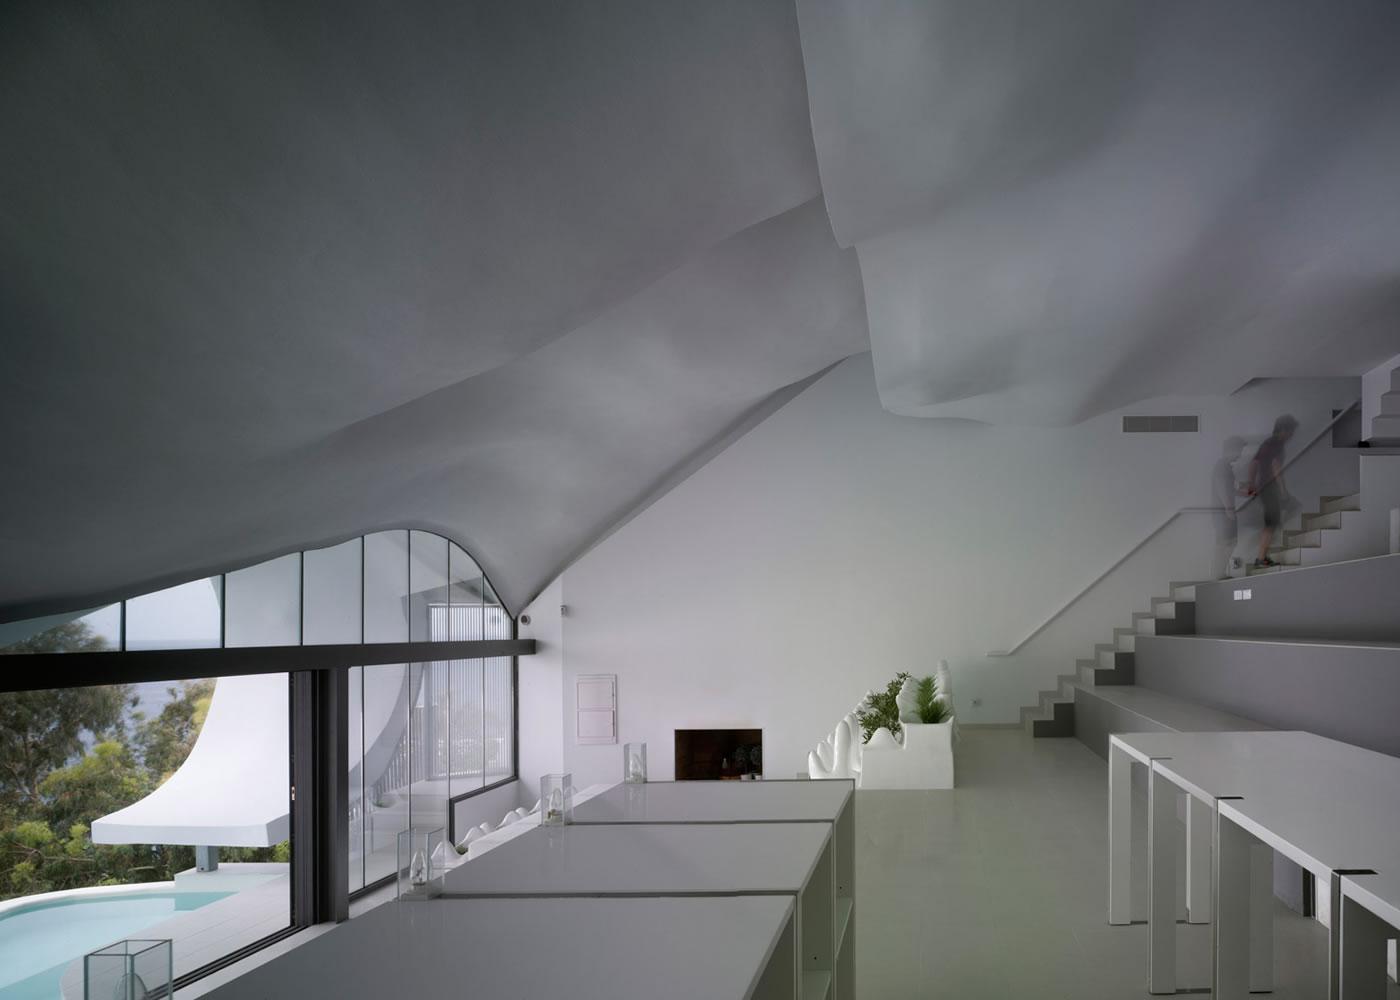 """Casa Del Acantilado  Los arquitectos de GilBartolomé construyeron esta casa  """"Estilo Gaudí"""" en un acantilado en España f0b04f4e3c4"""